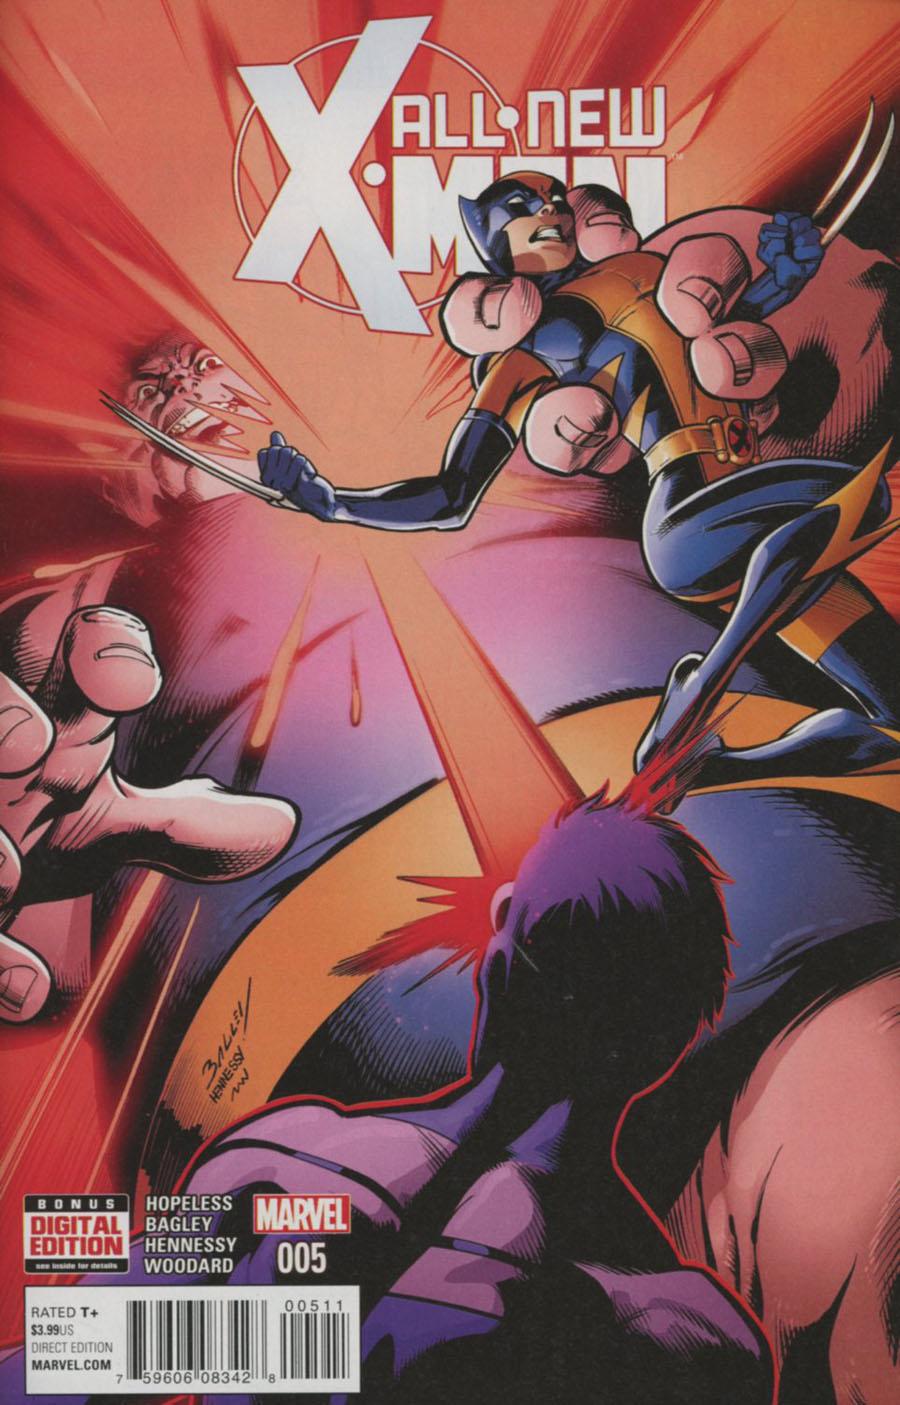 All-New X-Men Vol 2 #5